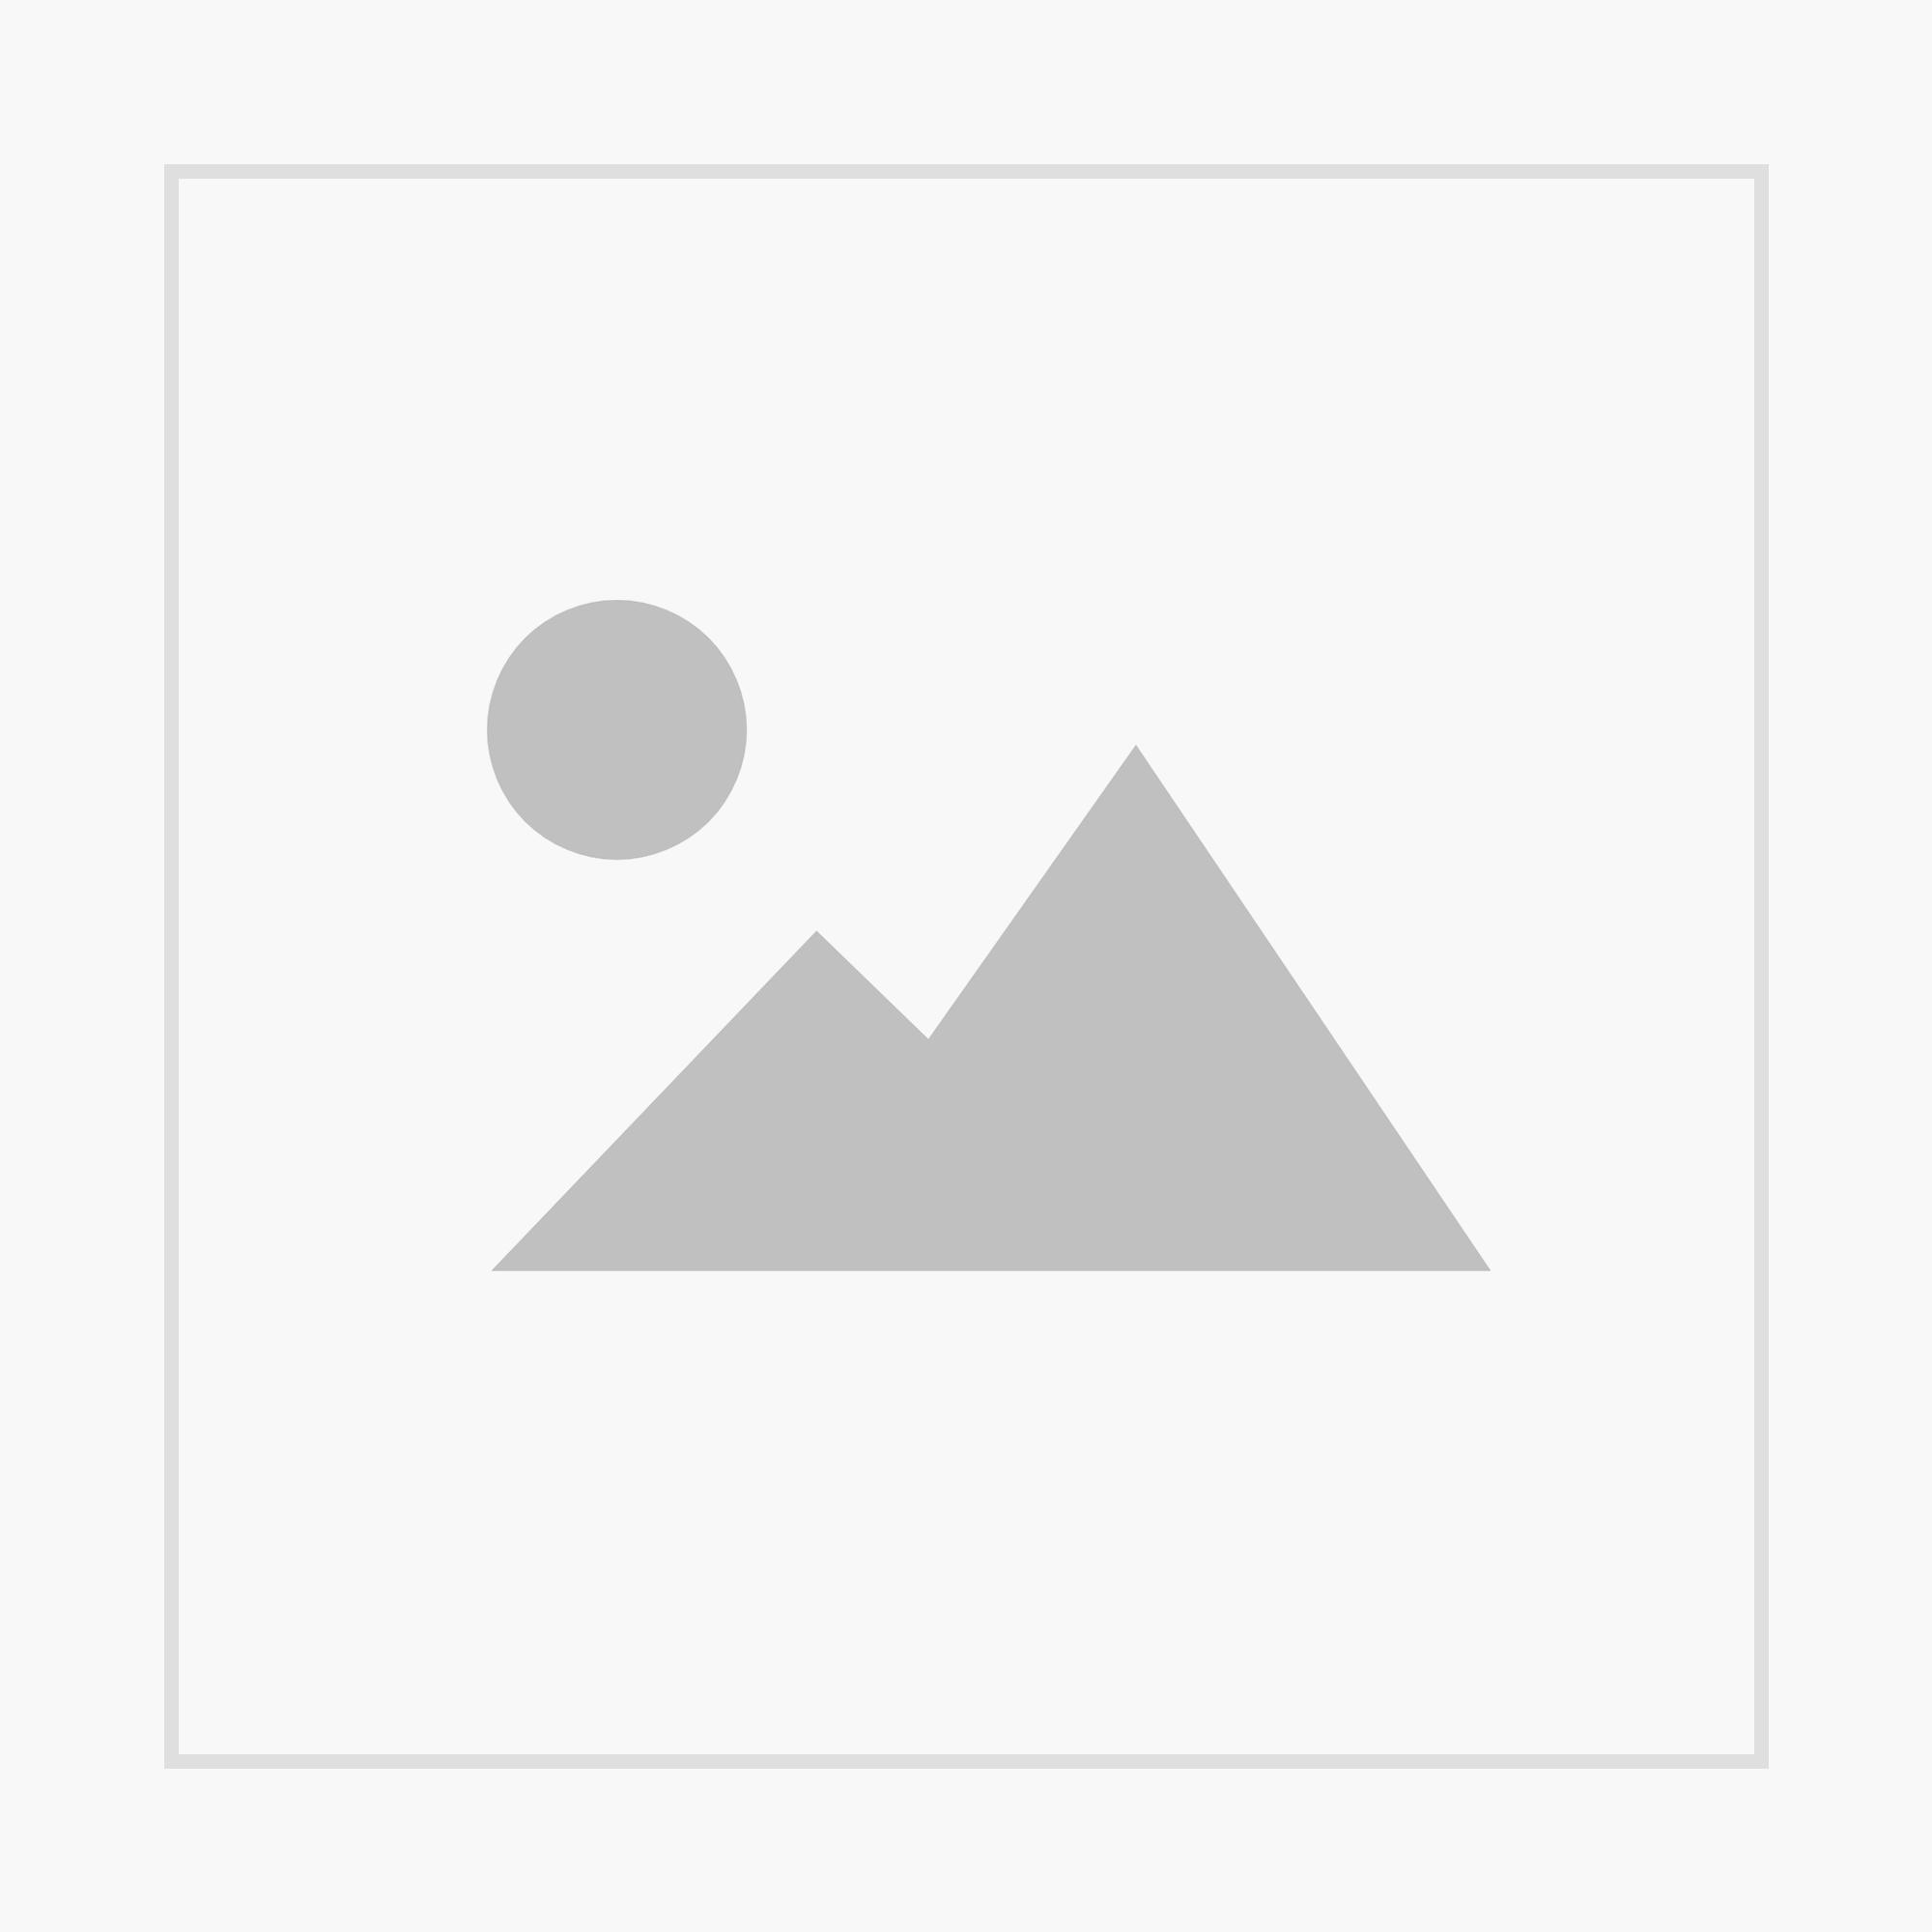 LuN Heft 69/3: Das europäische Schutzgebietssystem Natura 2000. Bd. 3: Arten der EU-Osterweiterung